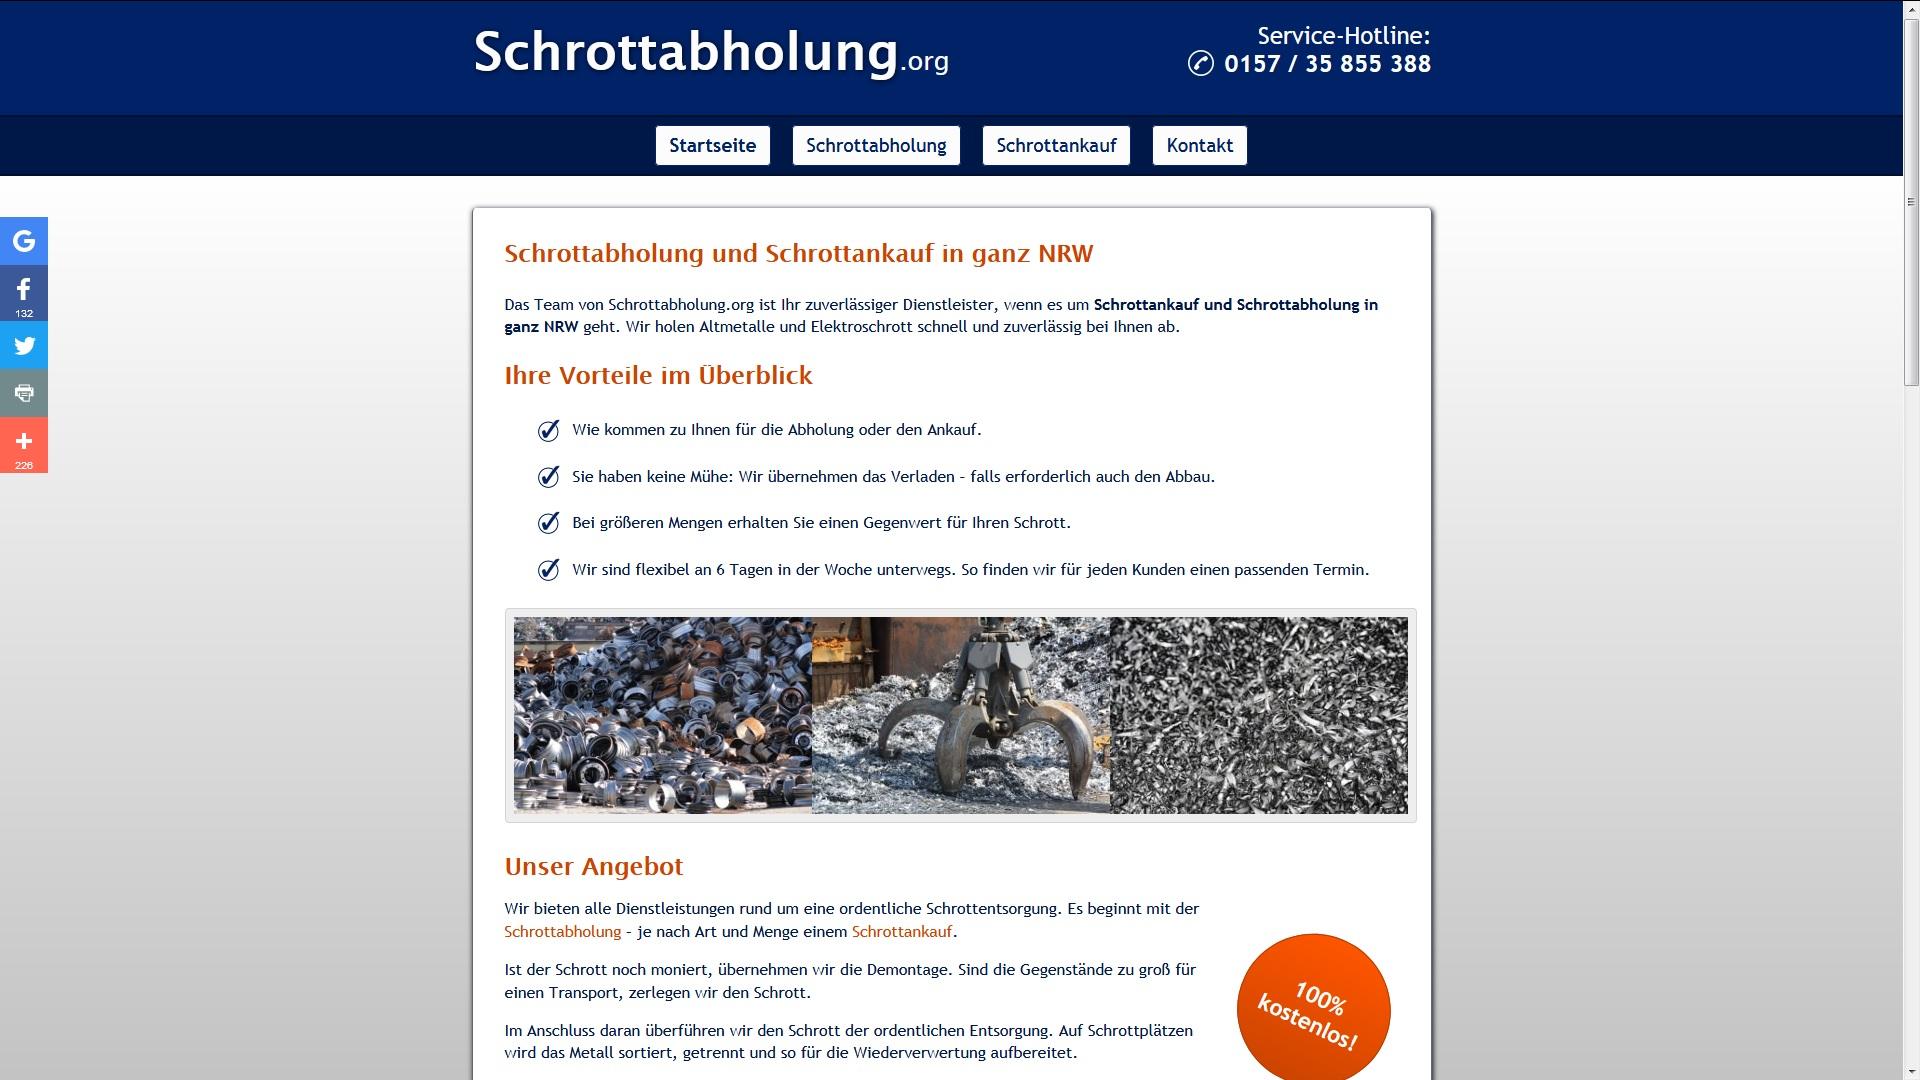 der schrottankauf duesseldorf holt schrott kostenlos beim kunden ab - Der Schrottankauf Düsseldorf holt Schrott kostenlos beim Kunden ab